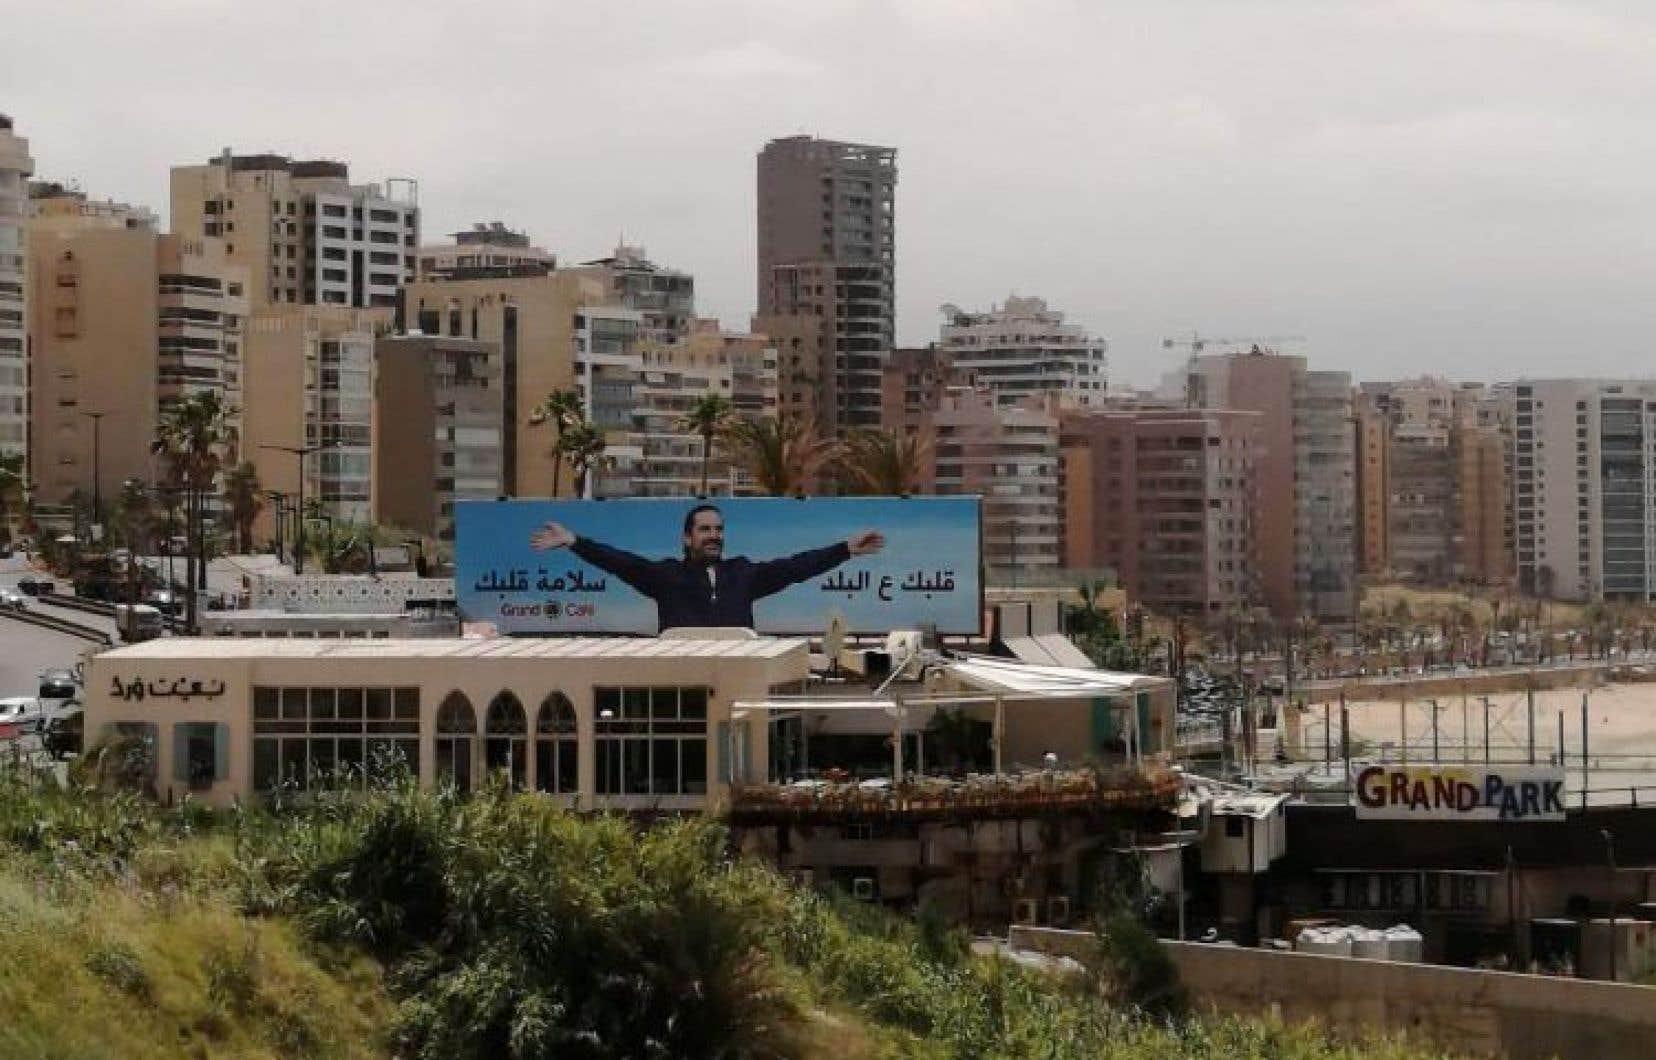 Derrière l'énorme affiche du premier ministre Saad Hariri se trouve l'une des plus belles plages de Beyrouth.